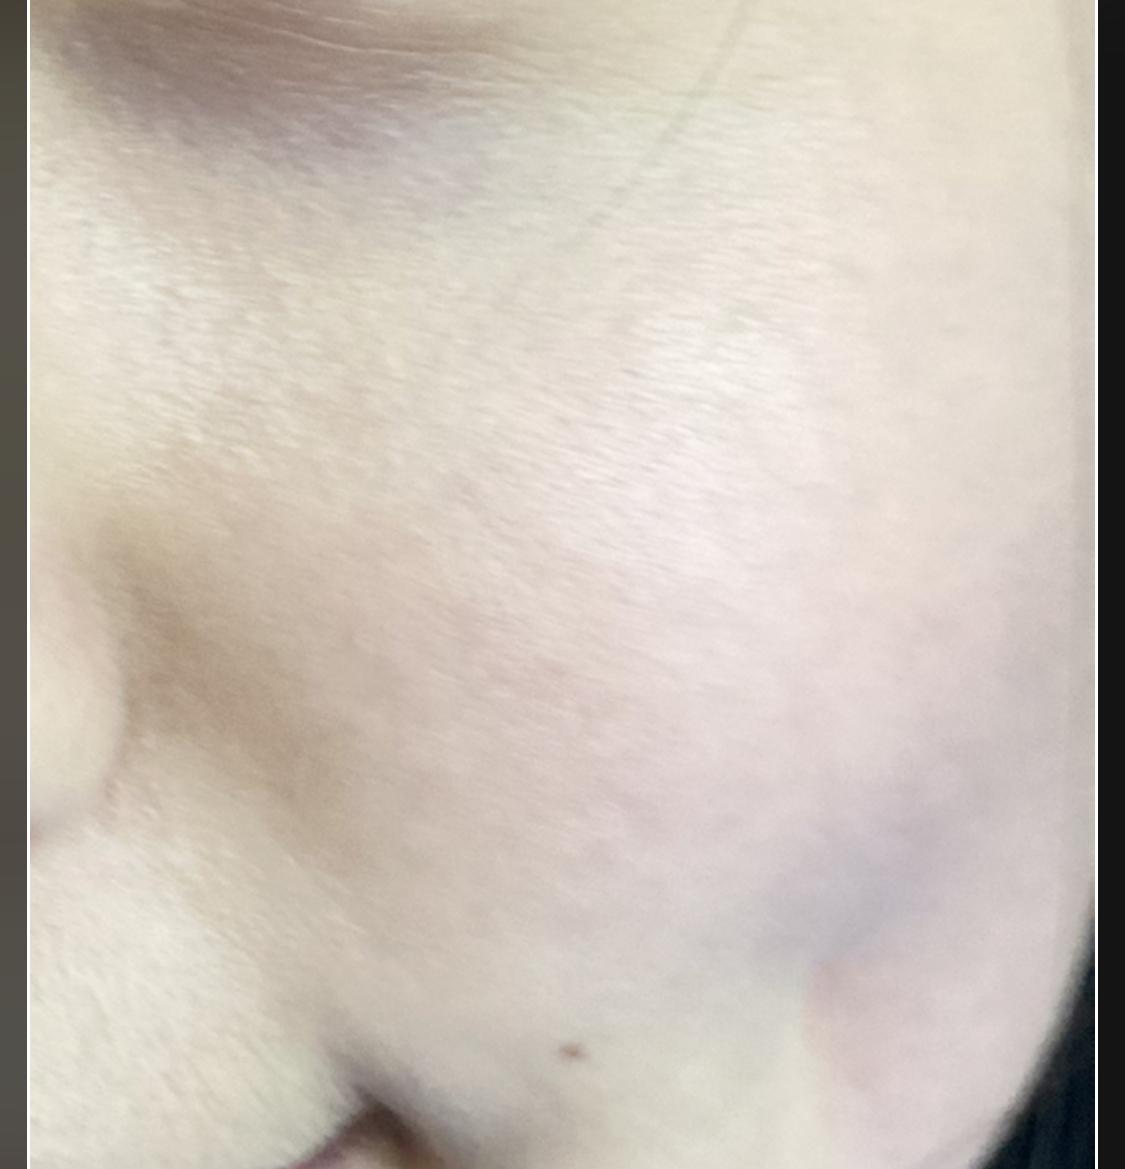 맥녹프리미엄비누 (120gx3개입) 클렌징 천연 세안 바디 헤어 답례품 선물세트